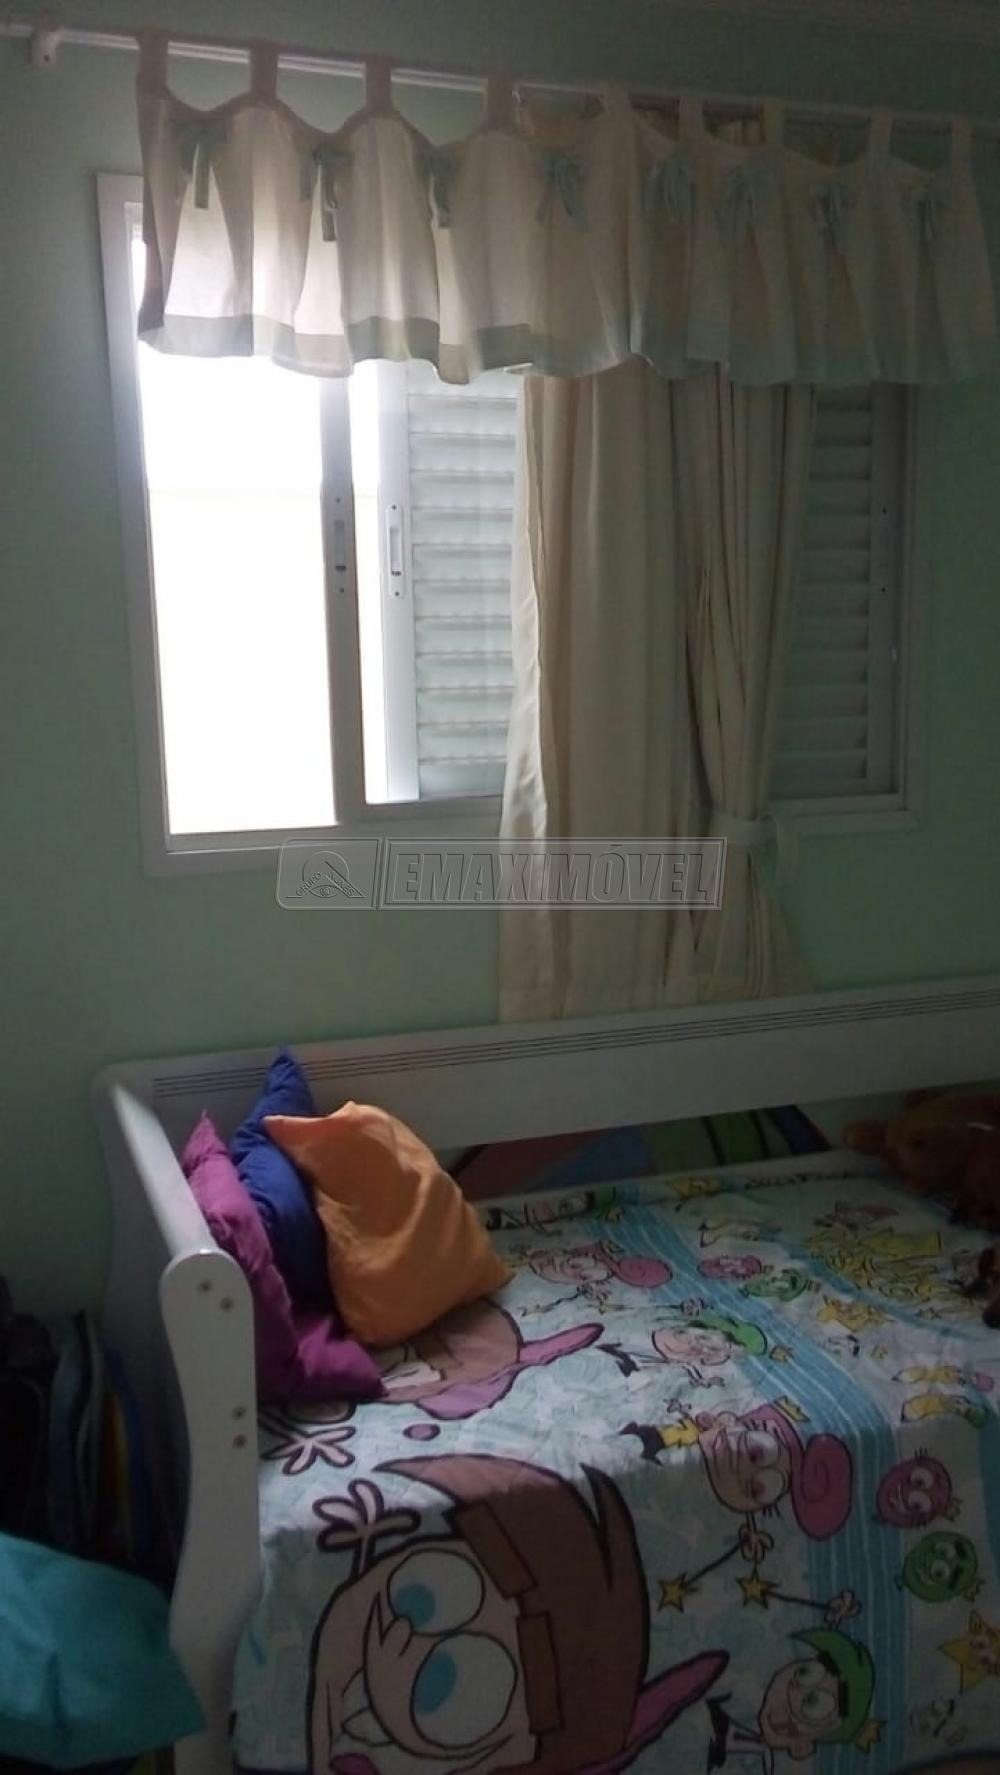 Comprar Apartamentos / Apto Padrão em Sorocaba apenas R$ 395.000,00 - Foto 7